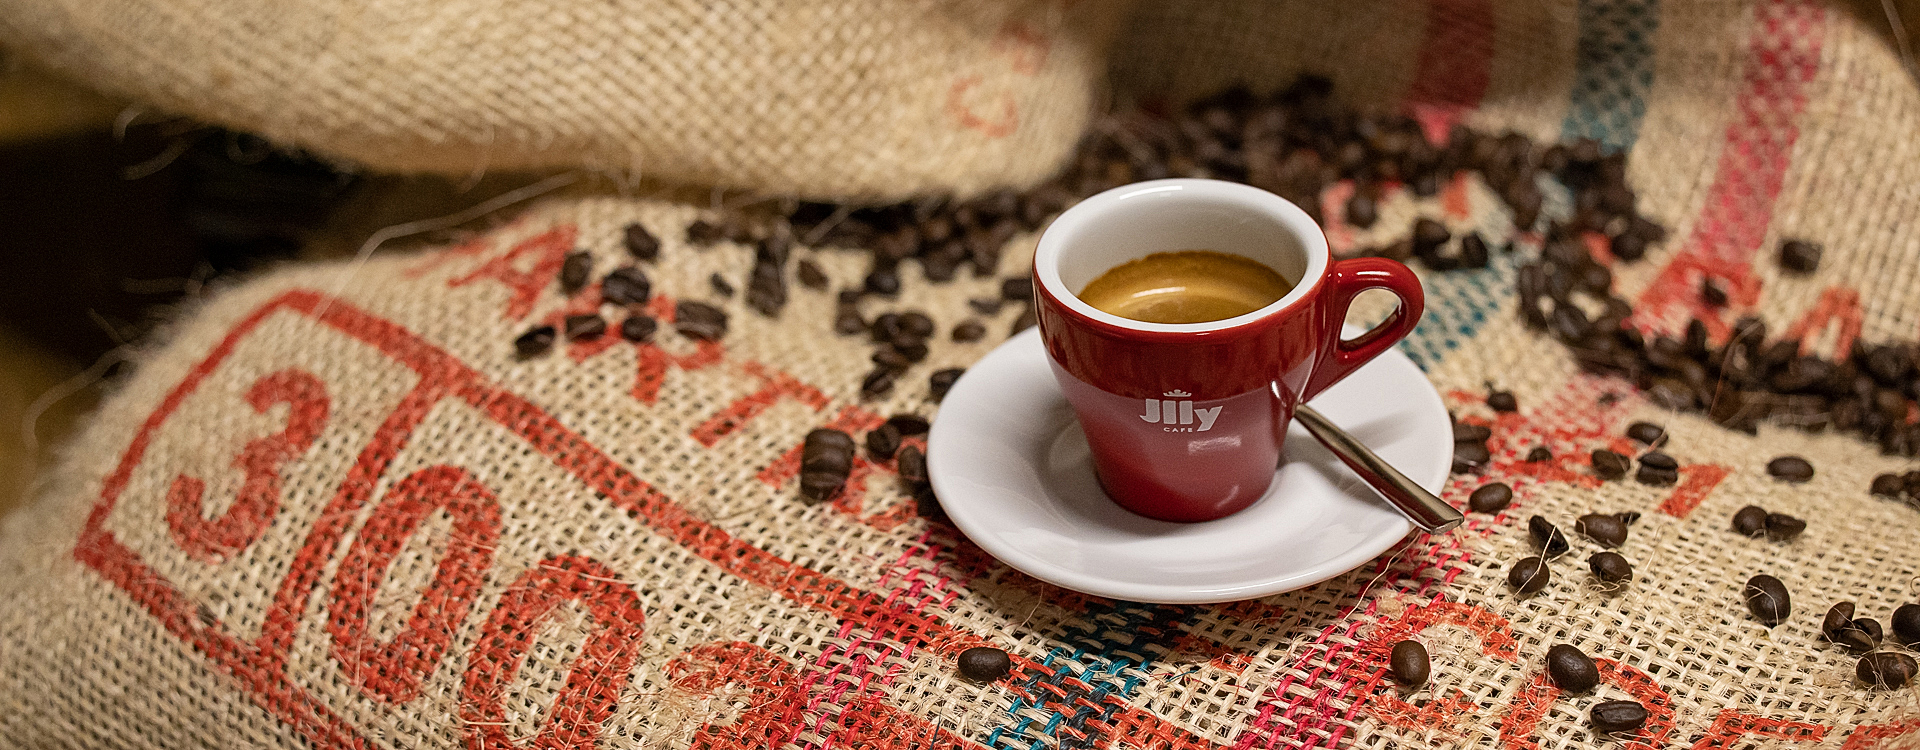 Fundiertes Kaffeewissen mit Illycafé.